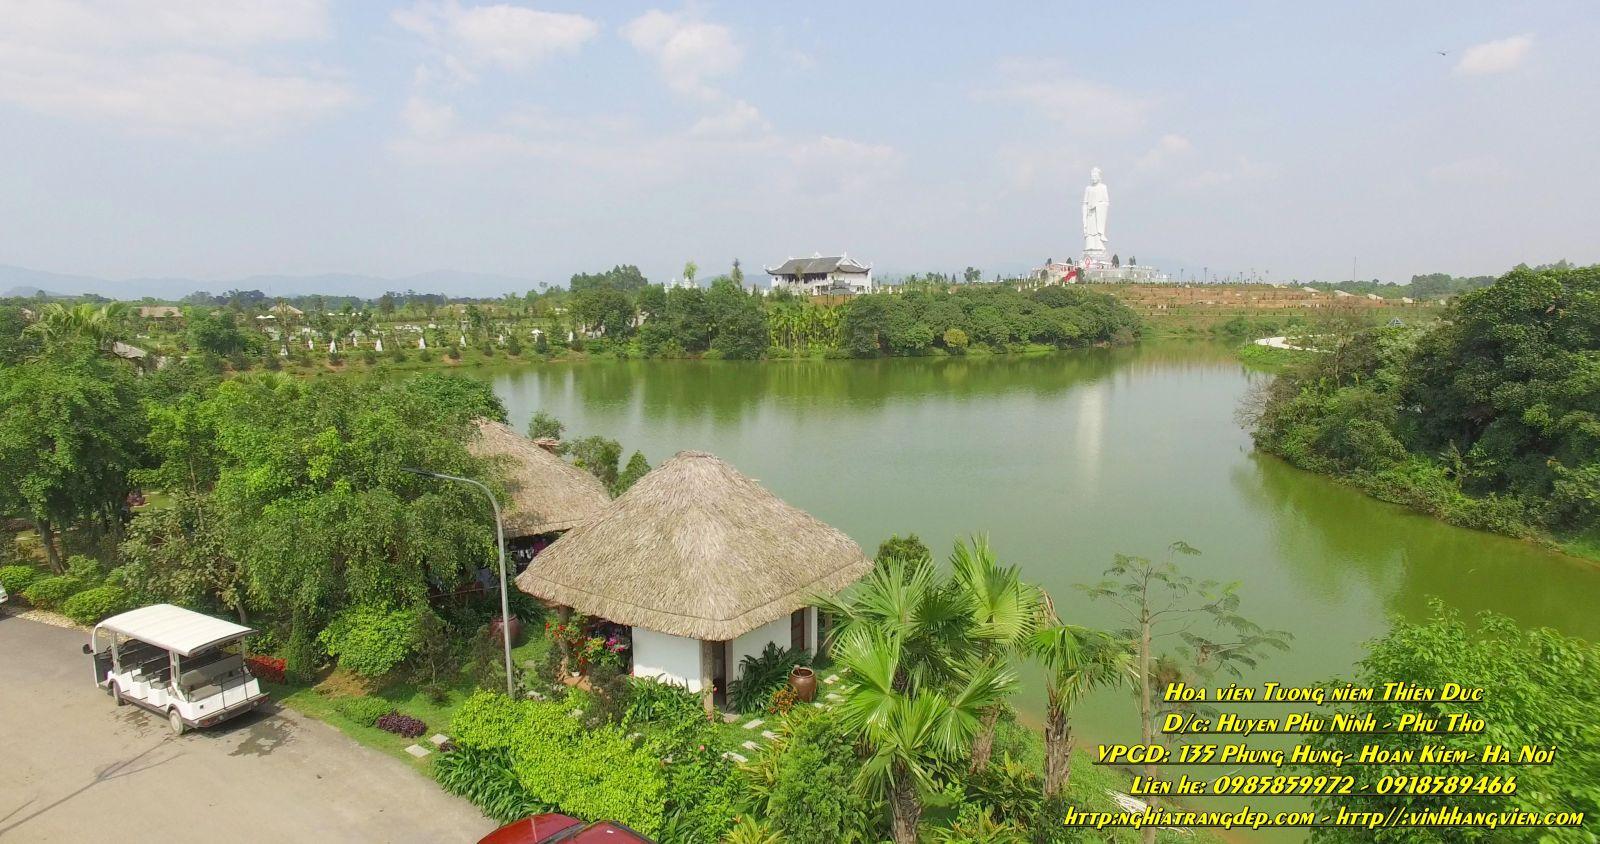 Công viên nghĩa trang Thiên Đức Siêu Nghĩa Trang Sinh Thái Mua-ban-dat-nghia-trang-mien-bac